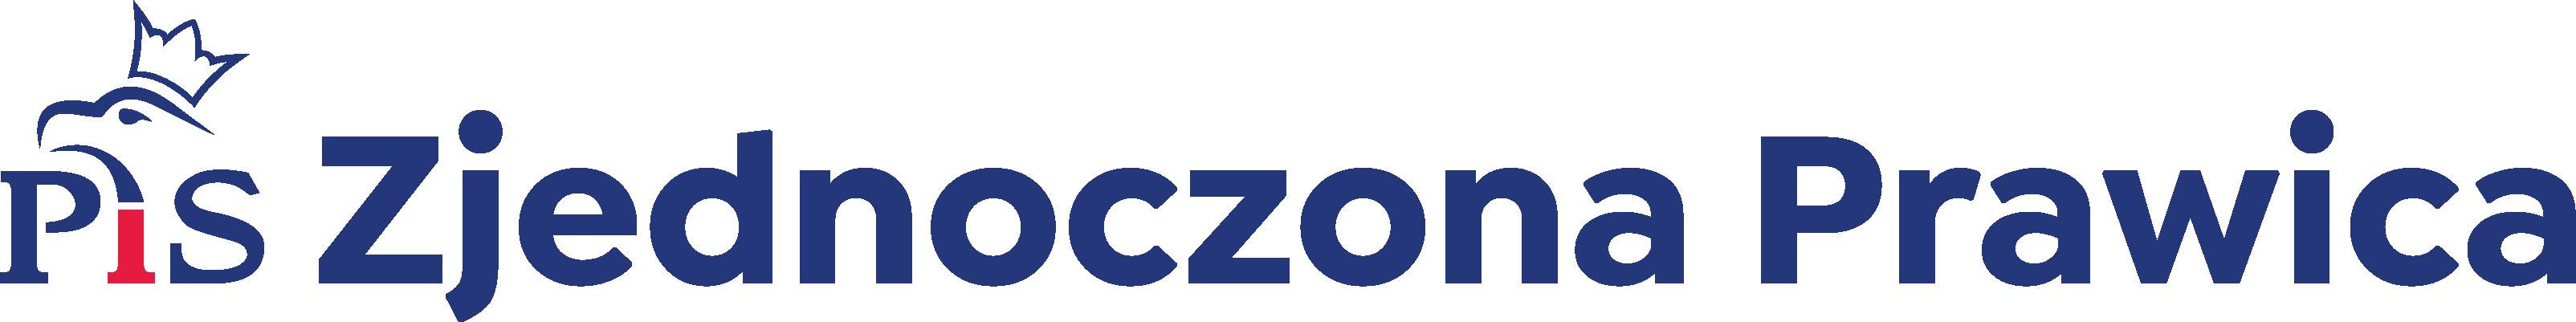 Mieczysław Kazimierz Baszko - Poseł na Sejm Rzeczpospolitej Polskiej